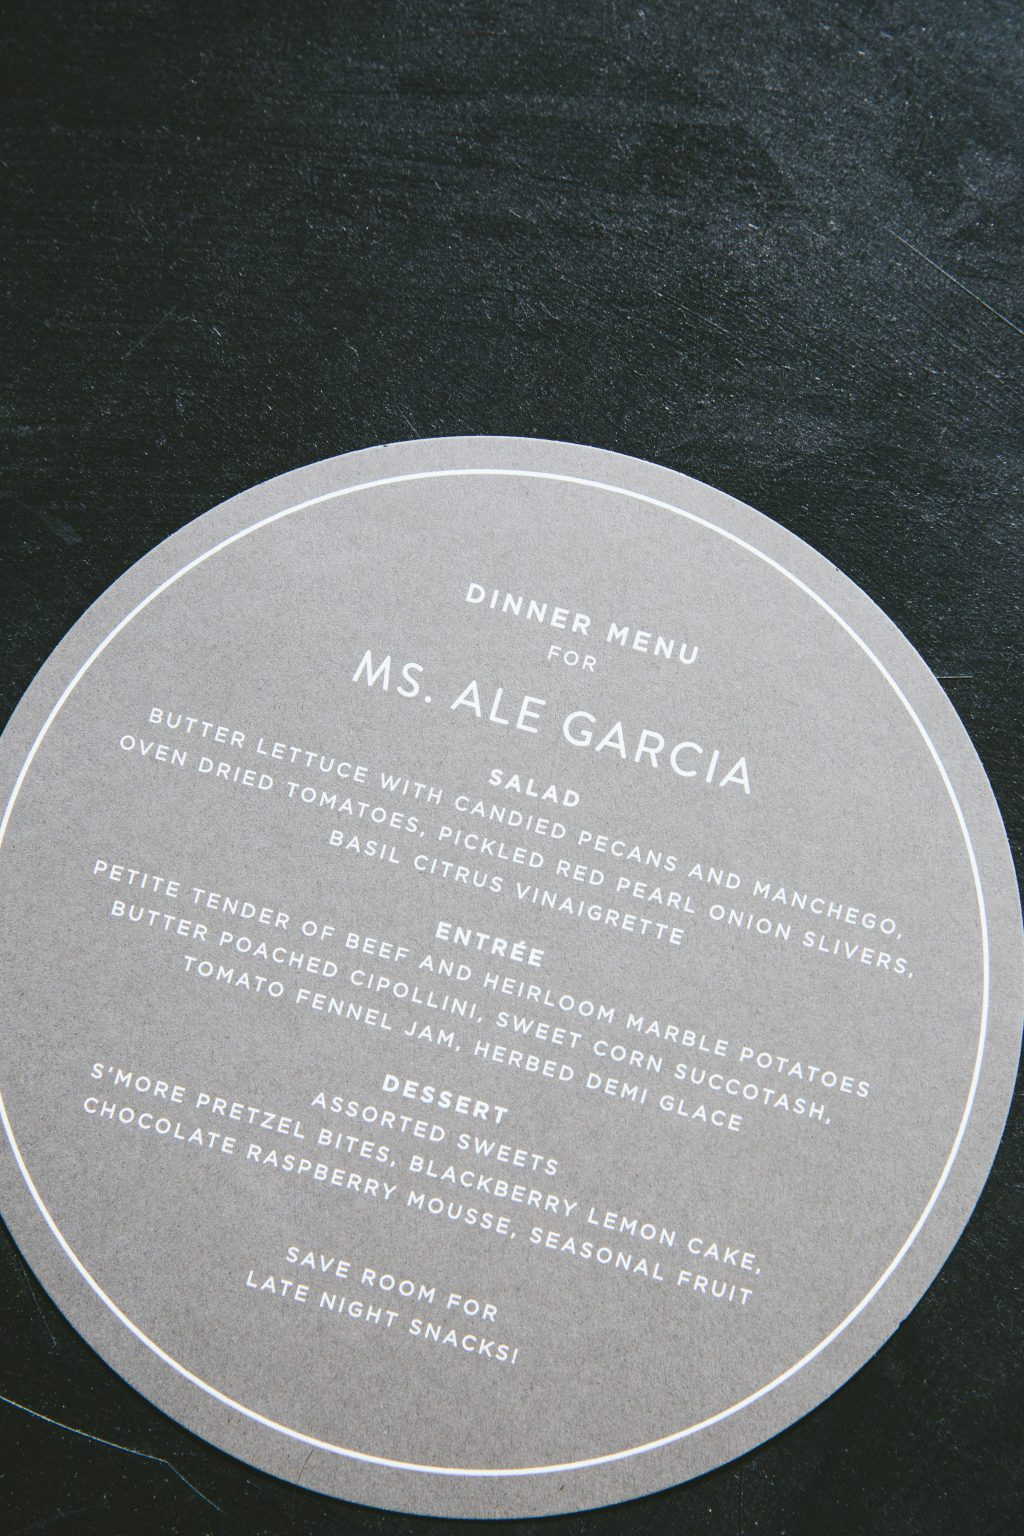 Personalized circular menus